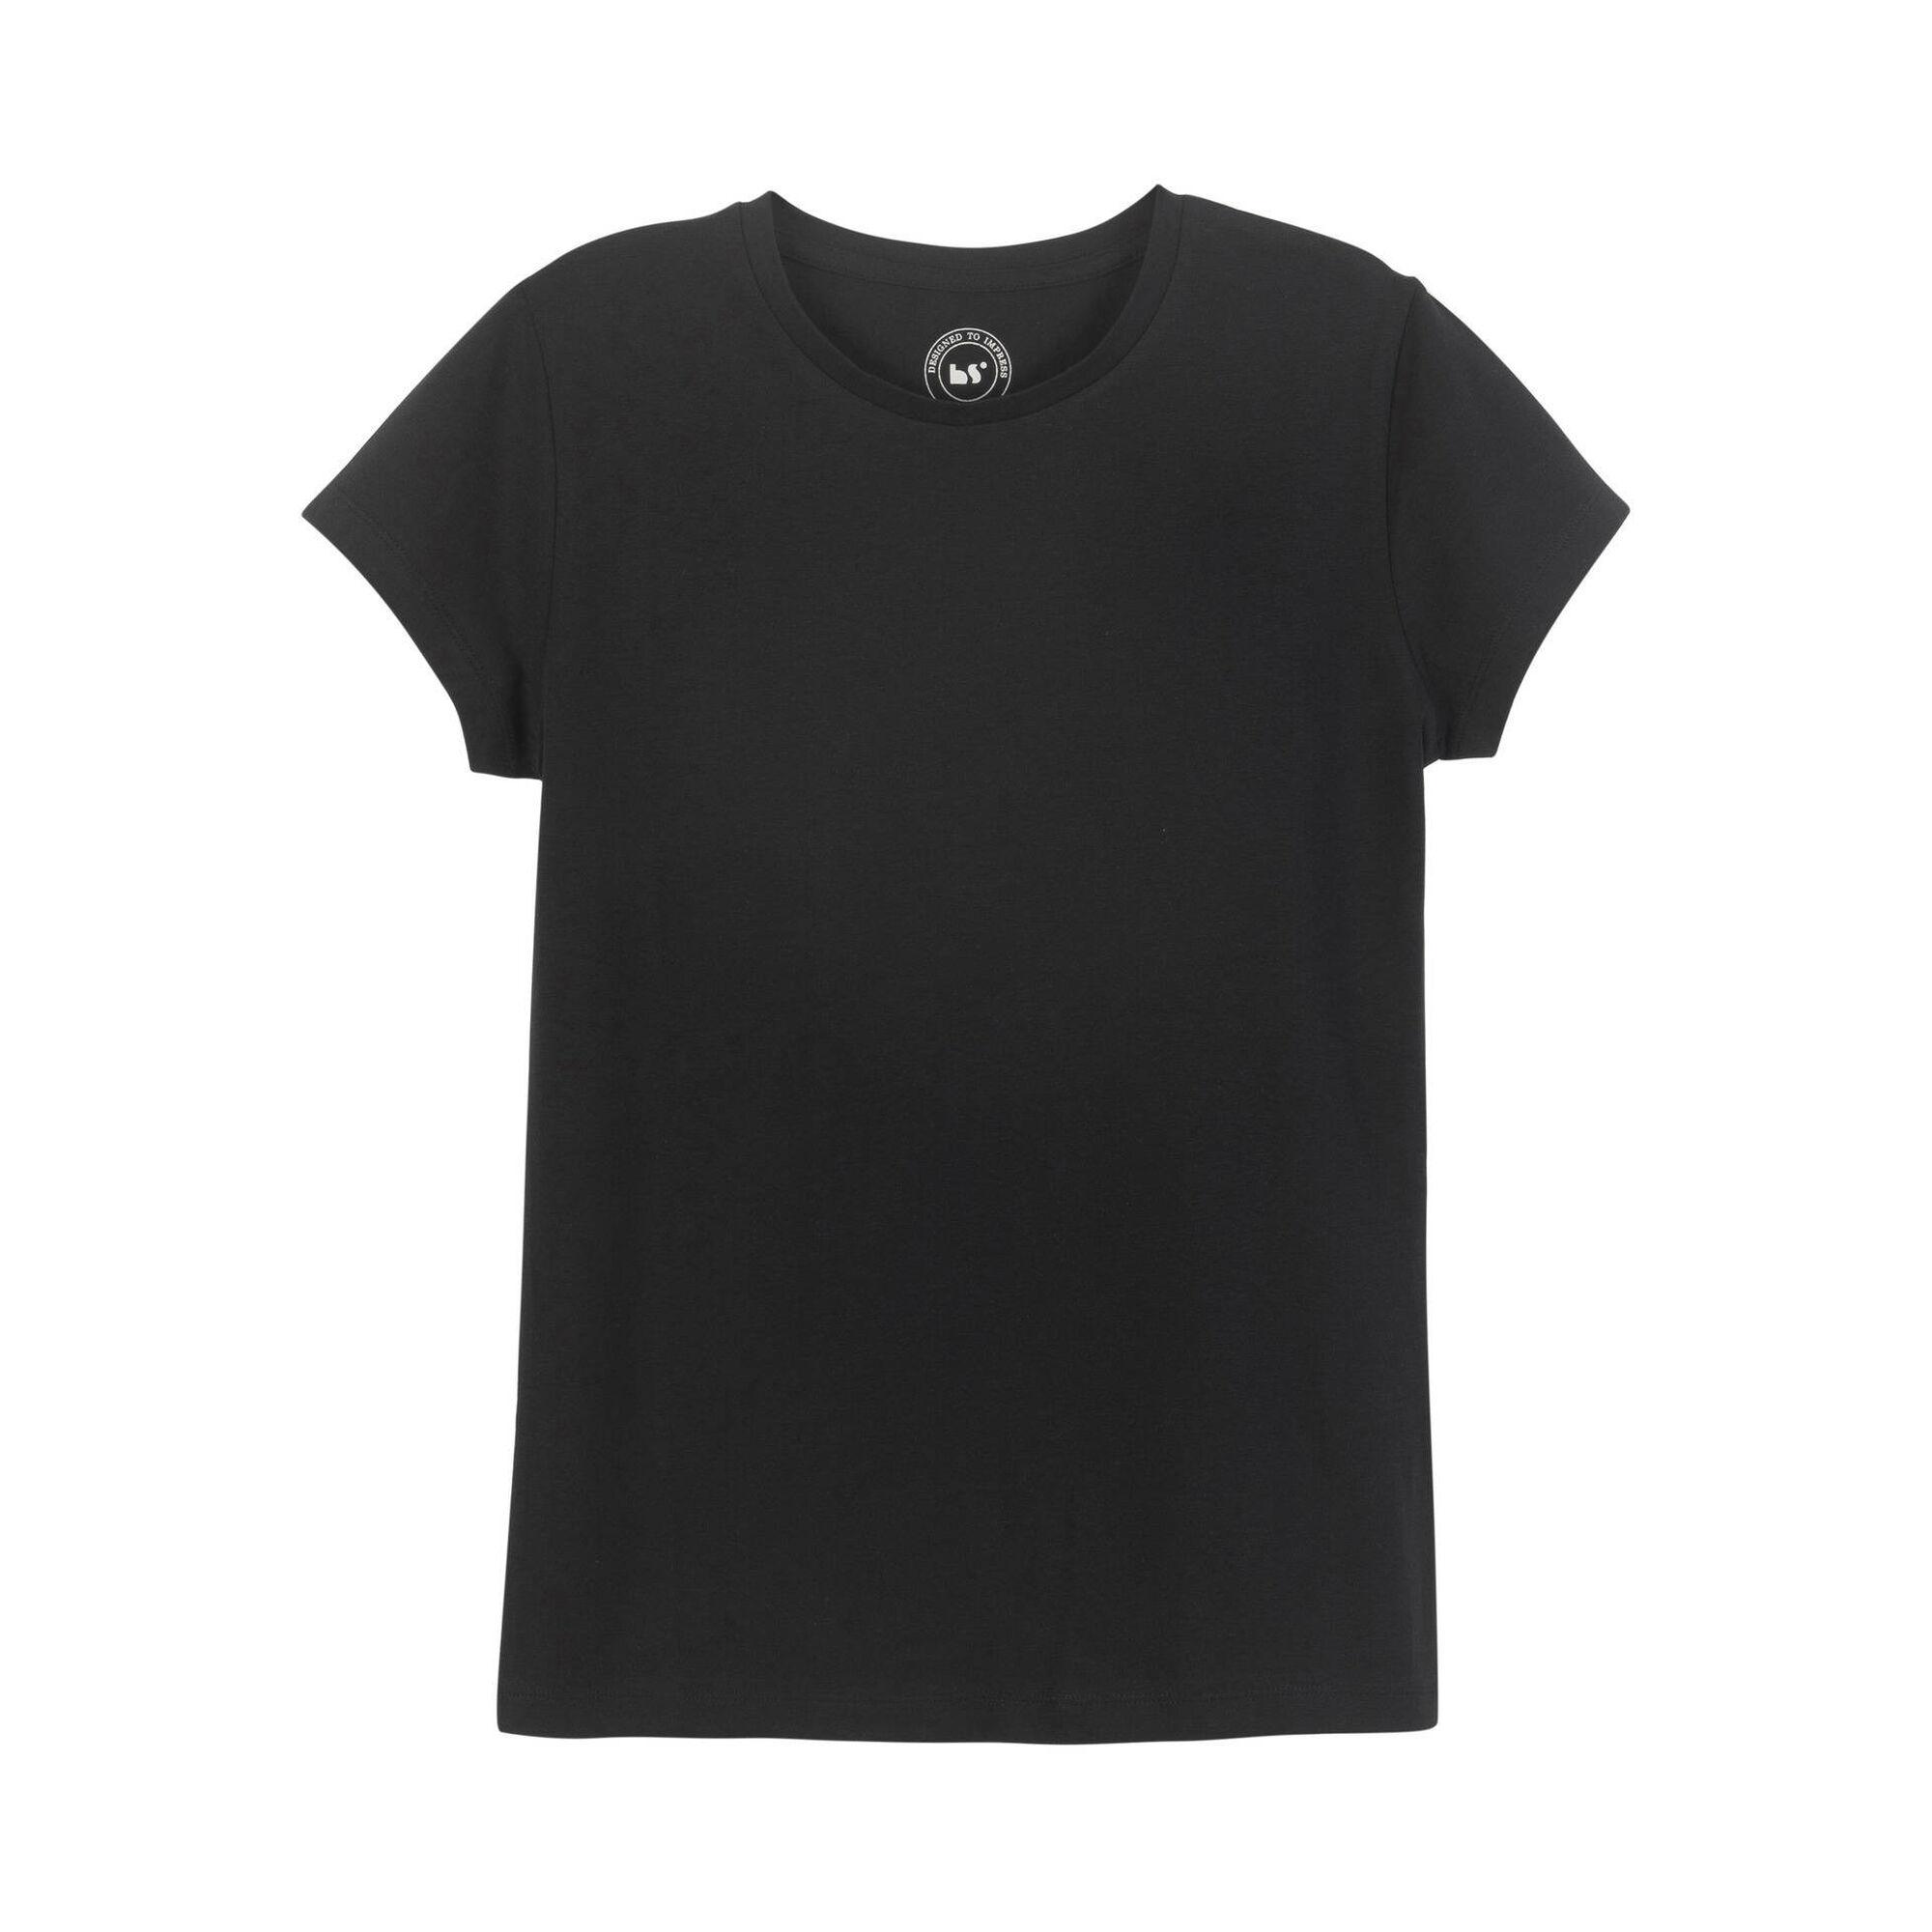 T-shirt S Preto